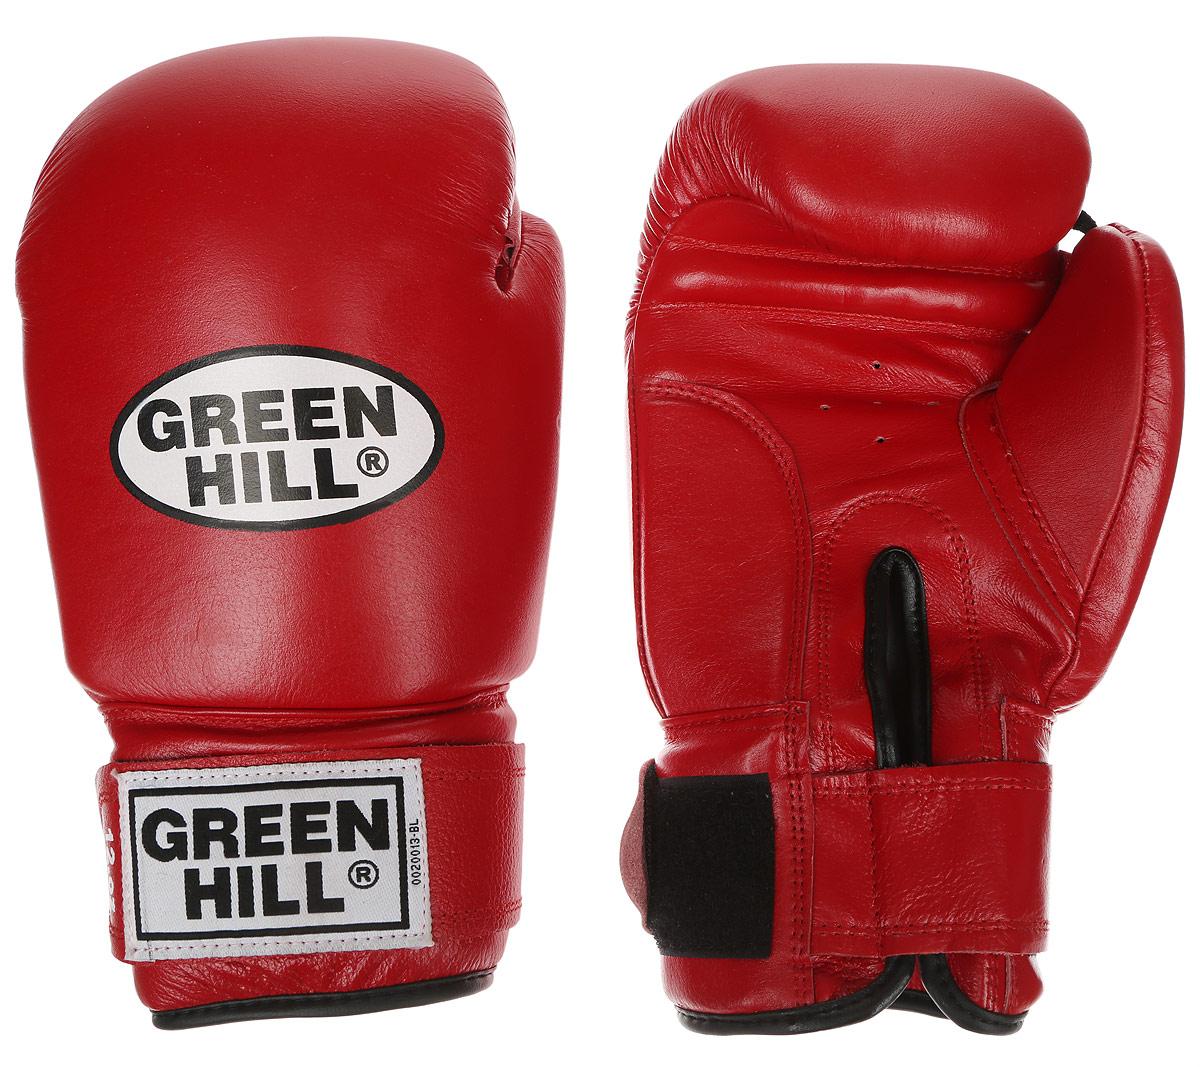 Перчатки боксерские Green Hill Super Star, цвет: красный, белый. Вес 12 унций. BGS-1213сG-2036110Боксерские перчатки Green Hill Super Star предназначены для использования профессионалами. Подойдут для спаррингов и соревнований. Верх выполнен из натуральной кожи, наполнитель - из вспененного полимера. Отверстие в области ладони позволяет создать максимально комфортный терморежим во время занятий. Манжет на липучке способствует быстрому и удобному надеванию перчаток, плотно фиксирует перчатки на руке.